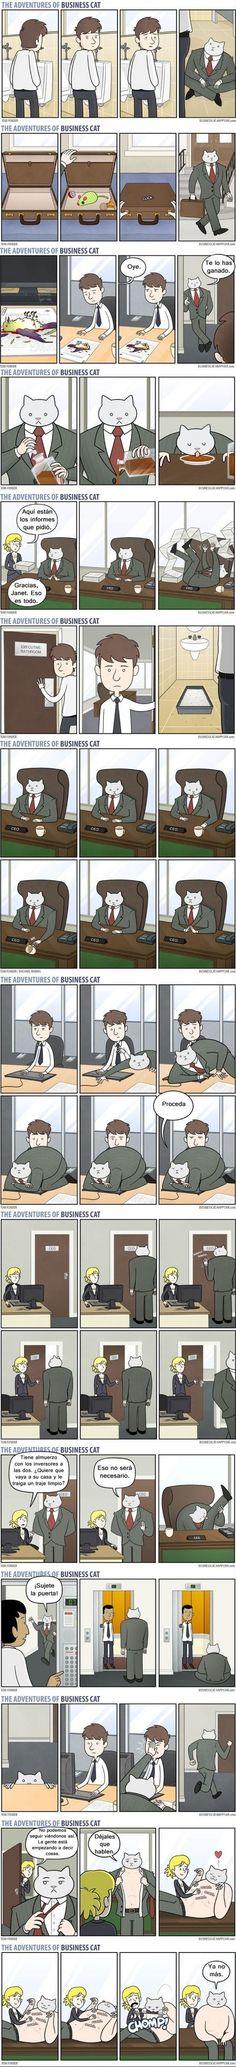 Las aventuras del gato empresario